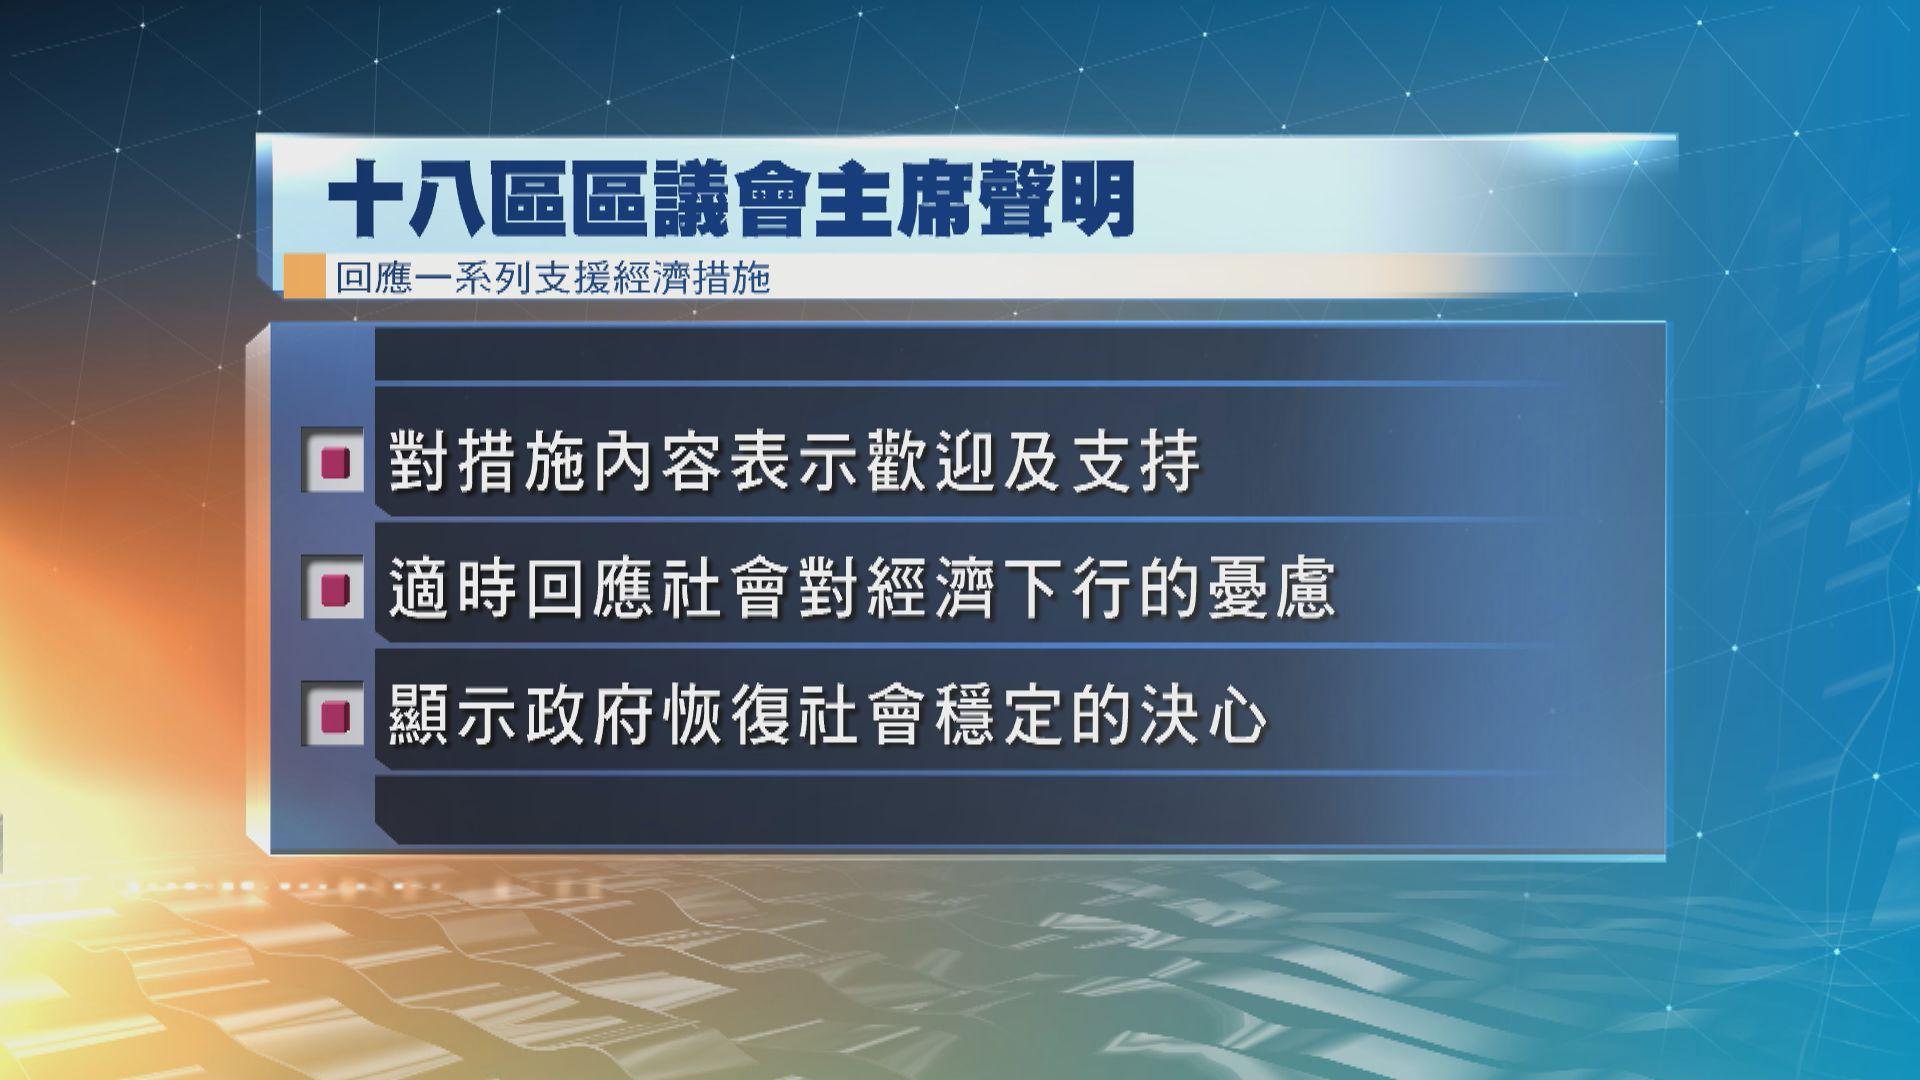 十八區區議會主席支持政府支援經濟措施